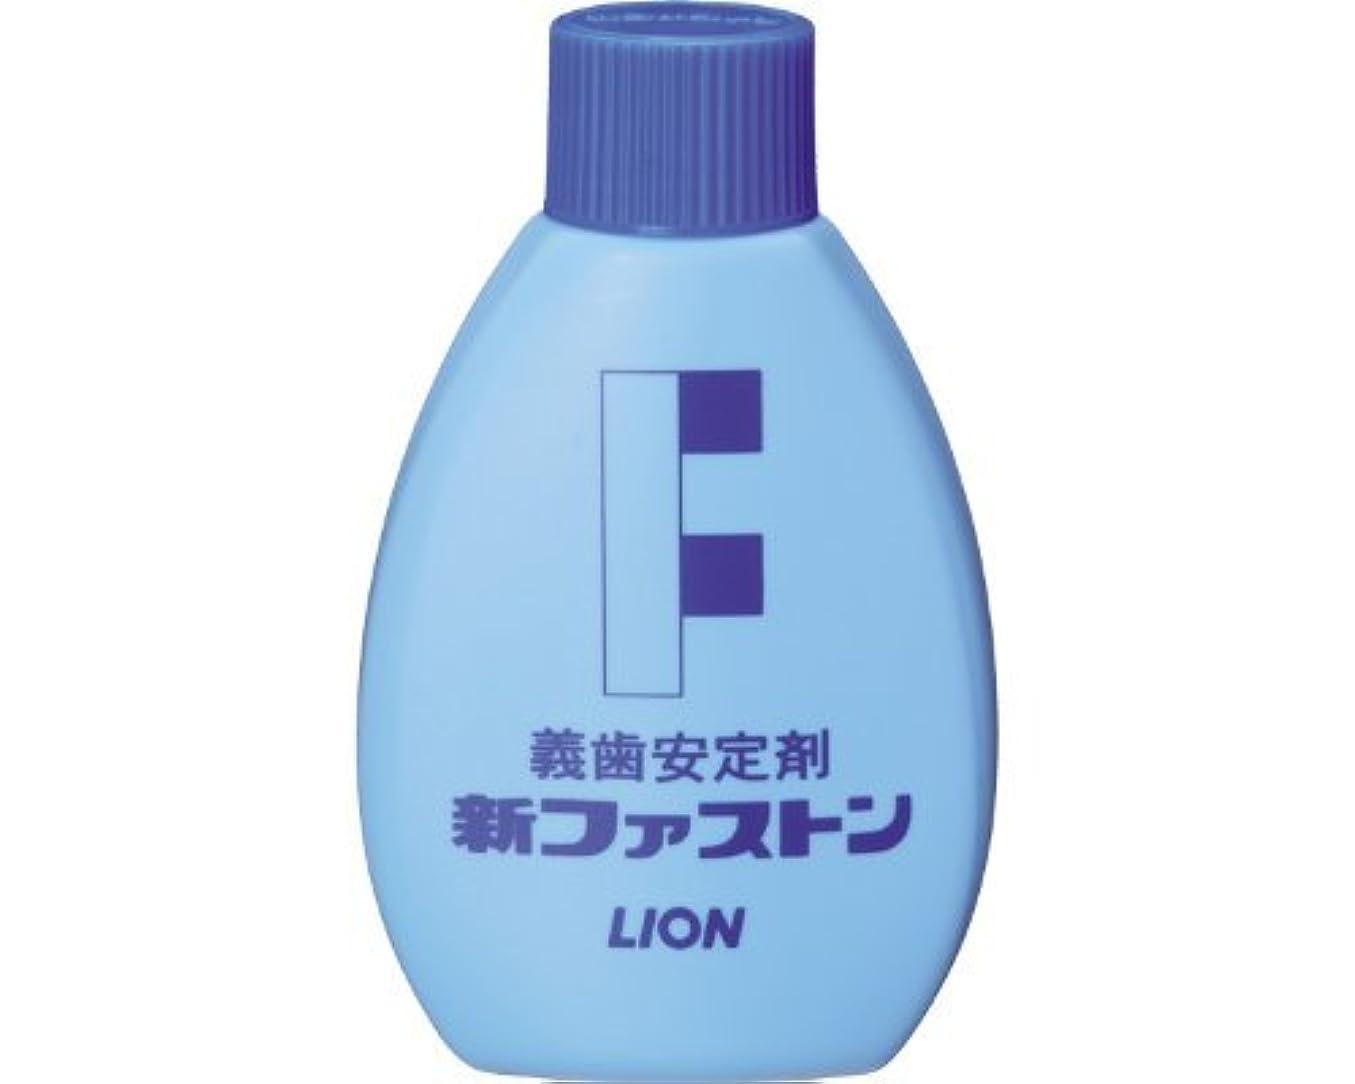 ふつう横たわる引用ライオン 新ファストン 50g 義歯安定剤